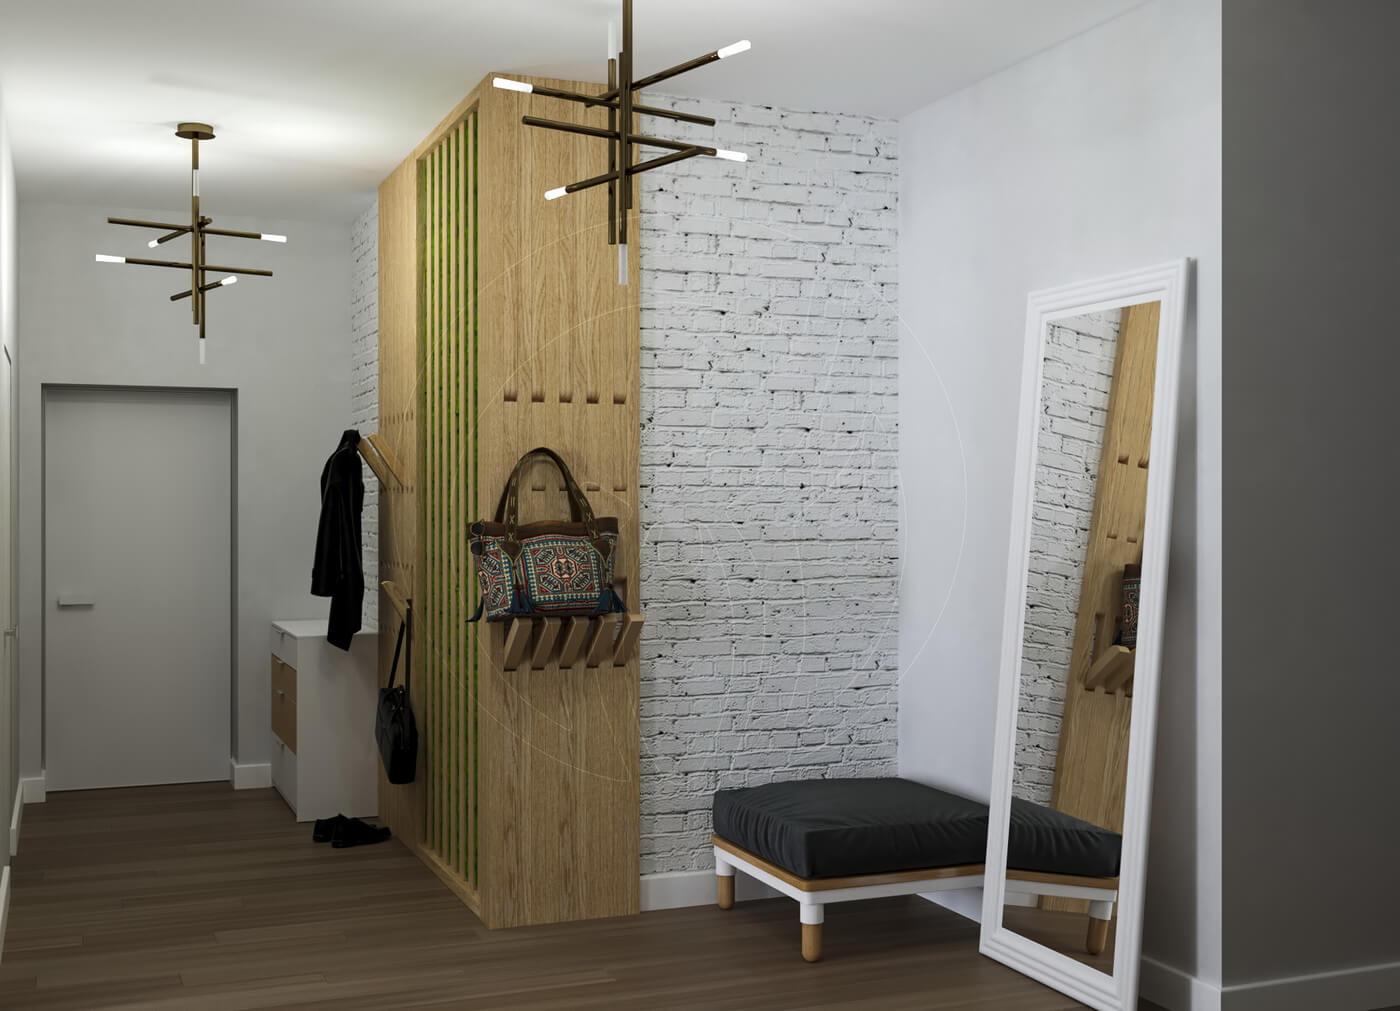 Квартира в скандинавском стиле и стиле LOFT. Прихожая. Деревянная вешалка для одежды